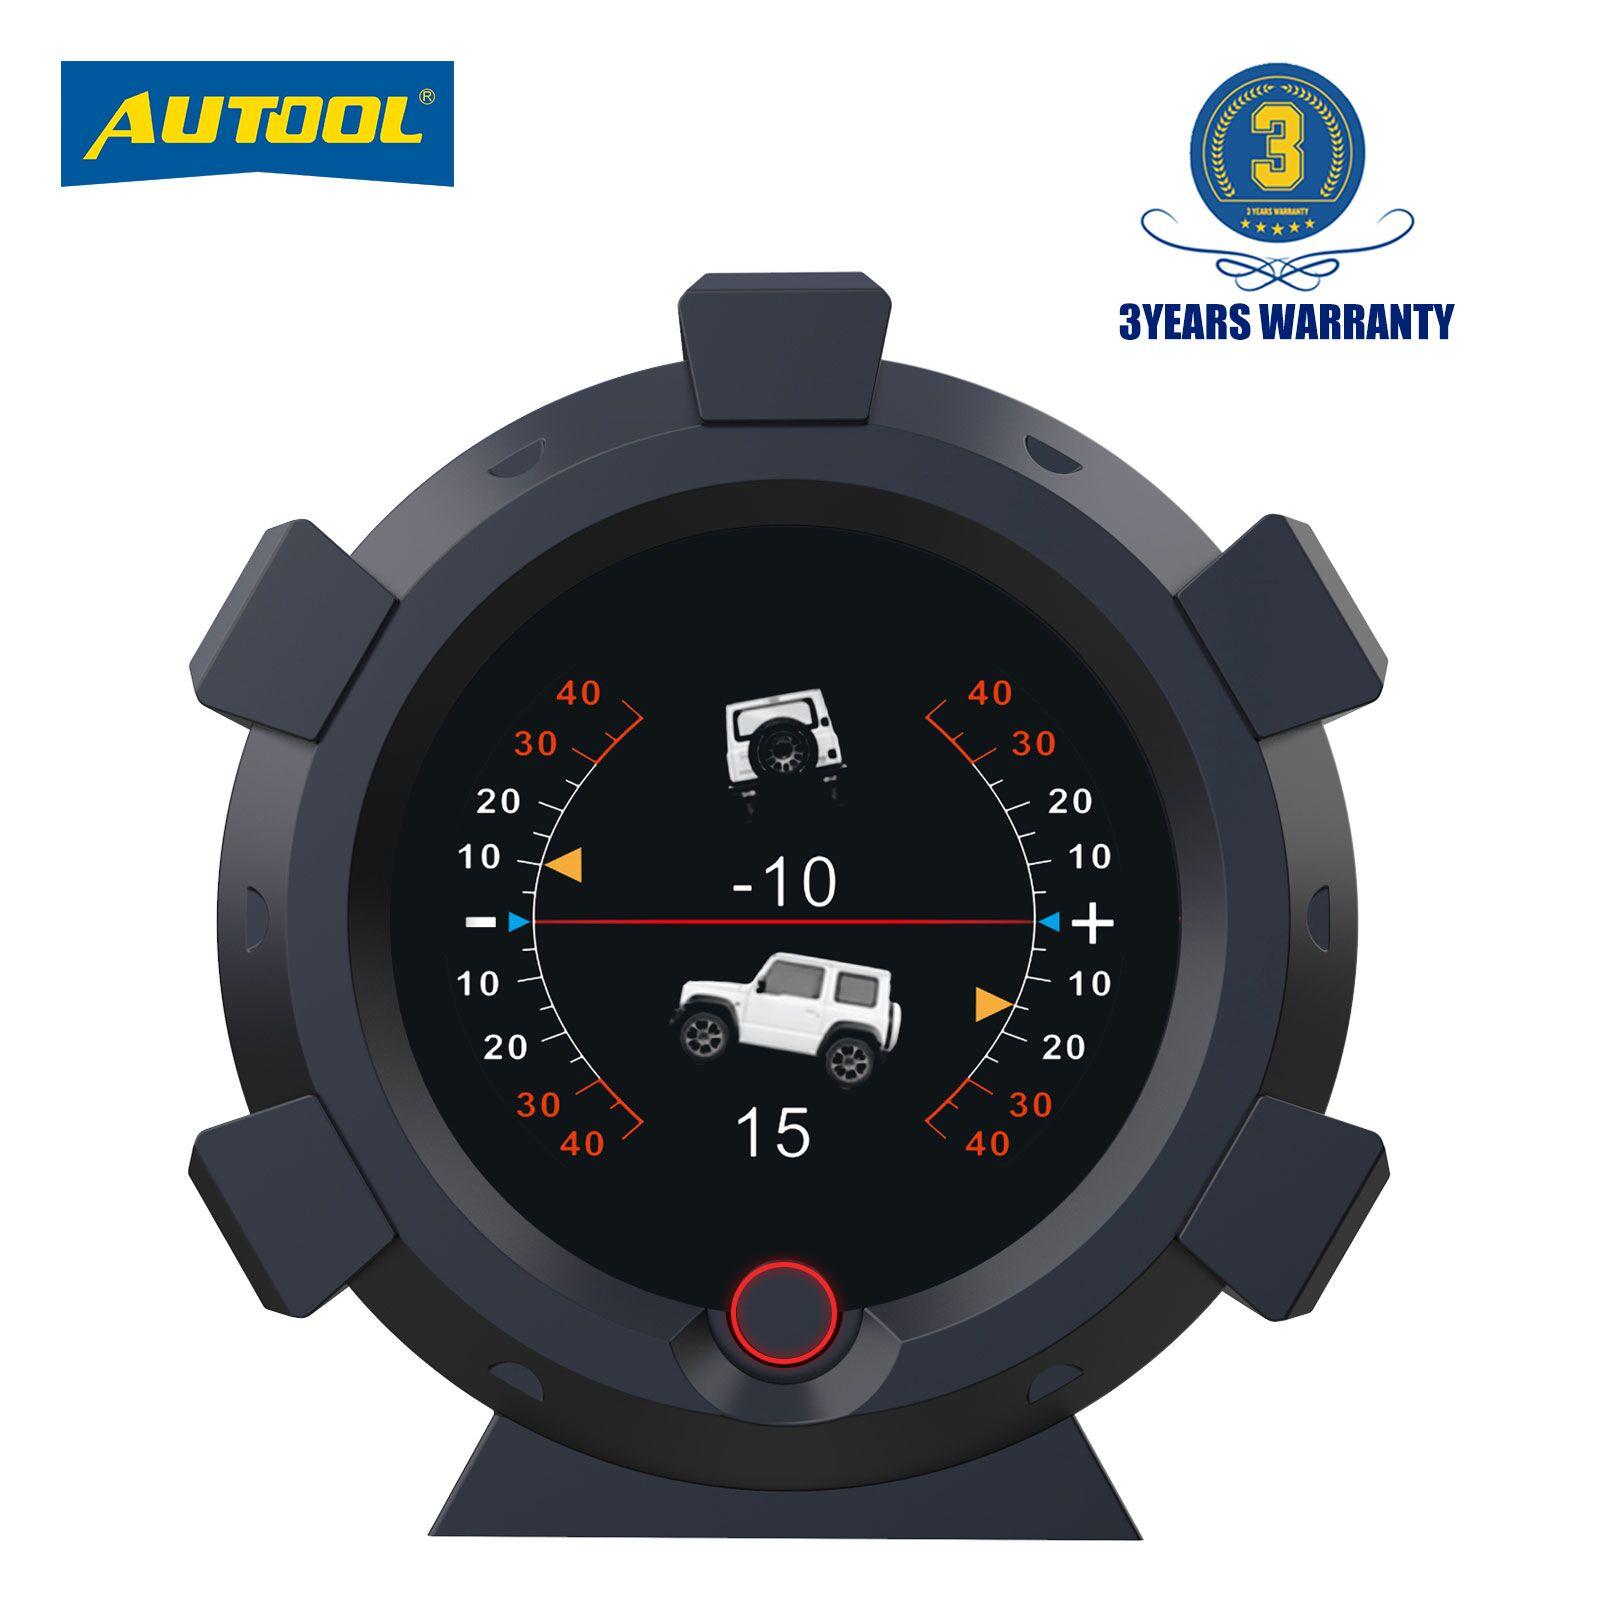 Автомобильный Инклинометр AUTOOL X95 4x4, обеспечивает угол наклона, скорость, Спутниковое время, GPS, аксессуары для внедорожников, Многофункцион...